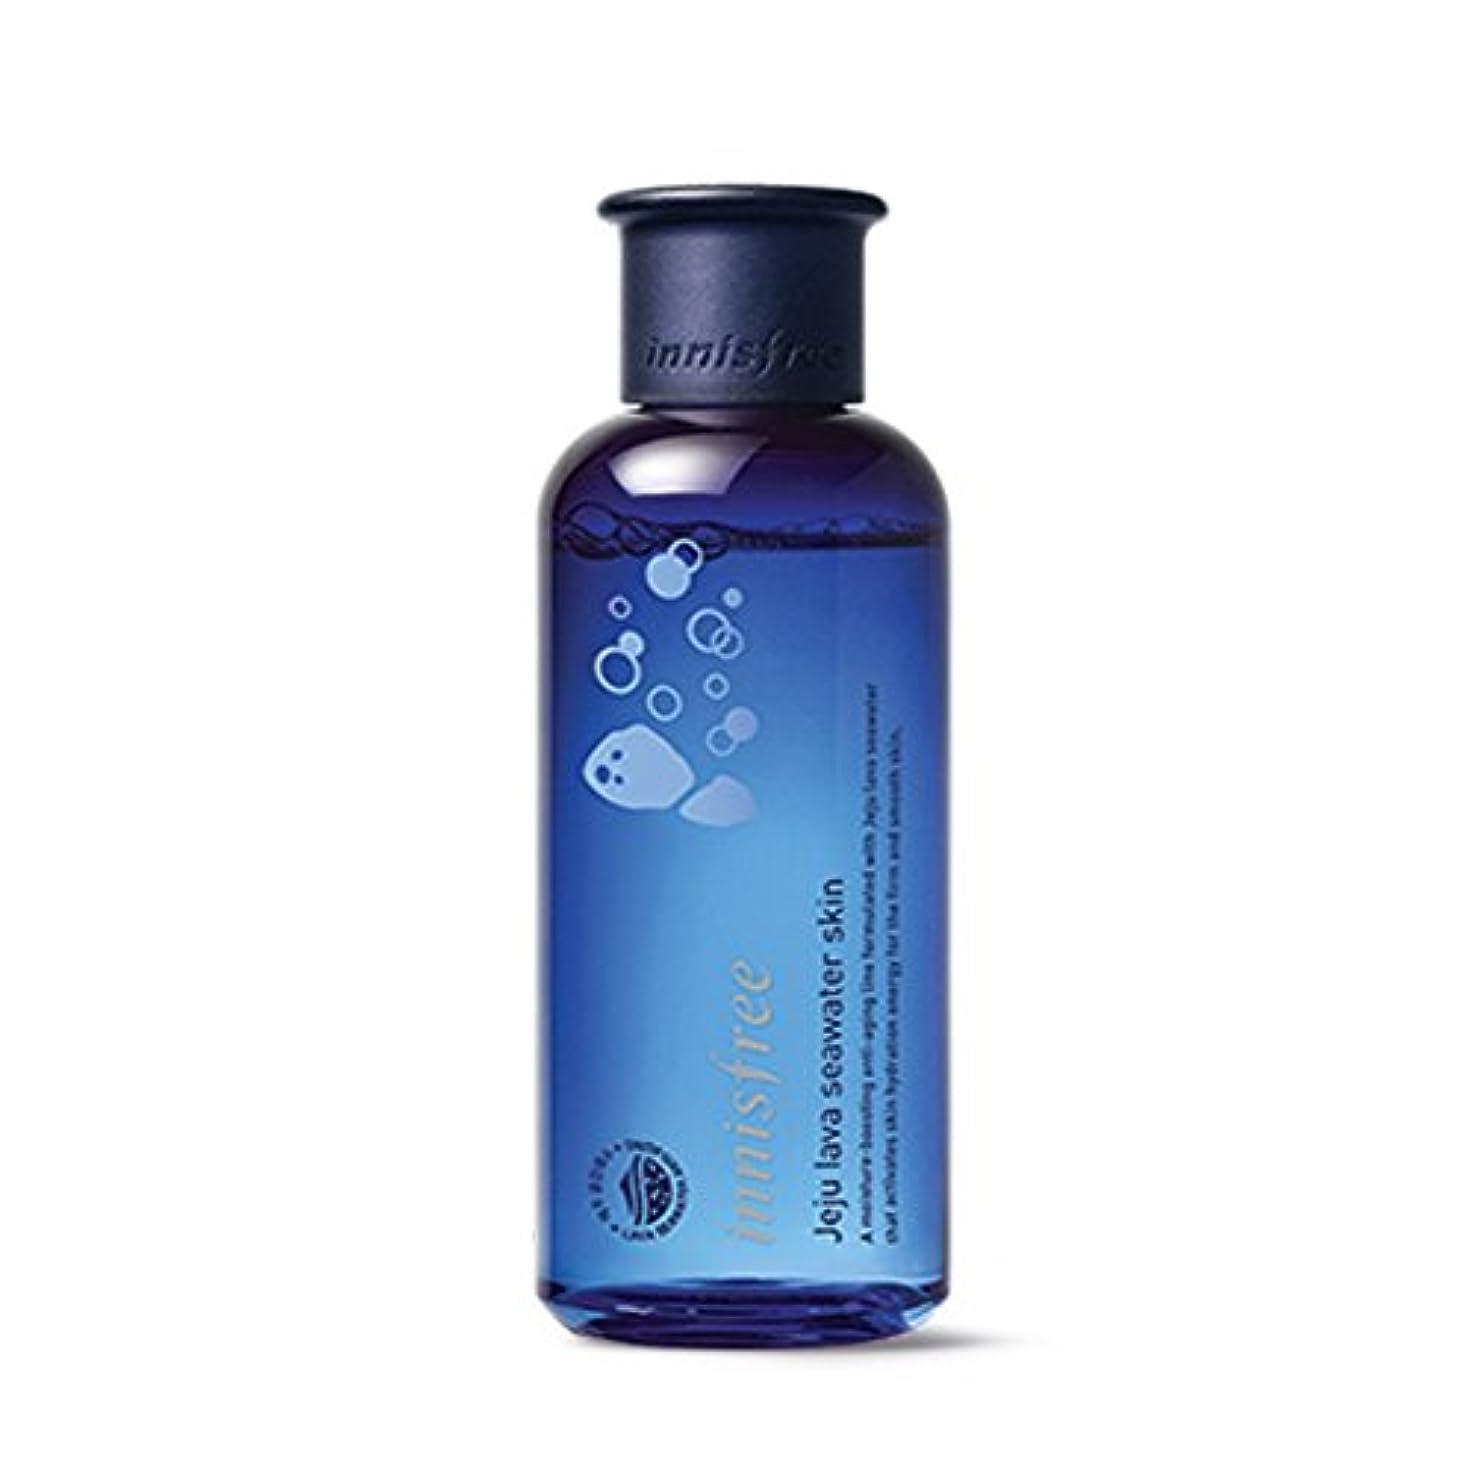 失業クスコ倒錯イニスフリージェジュラブシーウォータースキン(トナー)200ml Innisfree Jeju Lava Seawater Skin(Toner) 200ml [外直送品][並行輸入品]